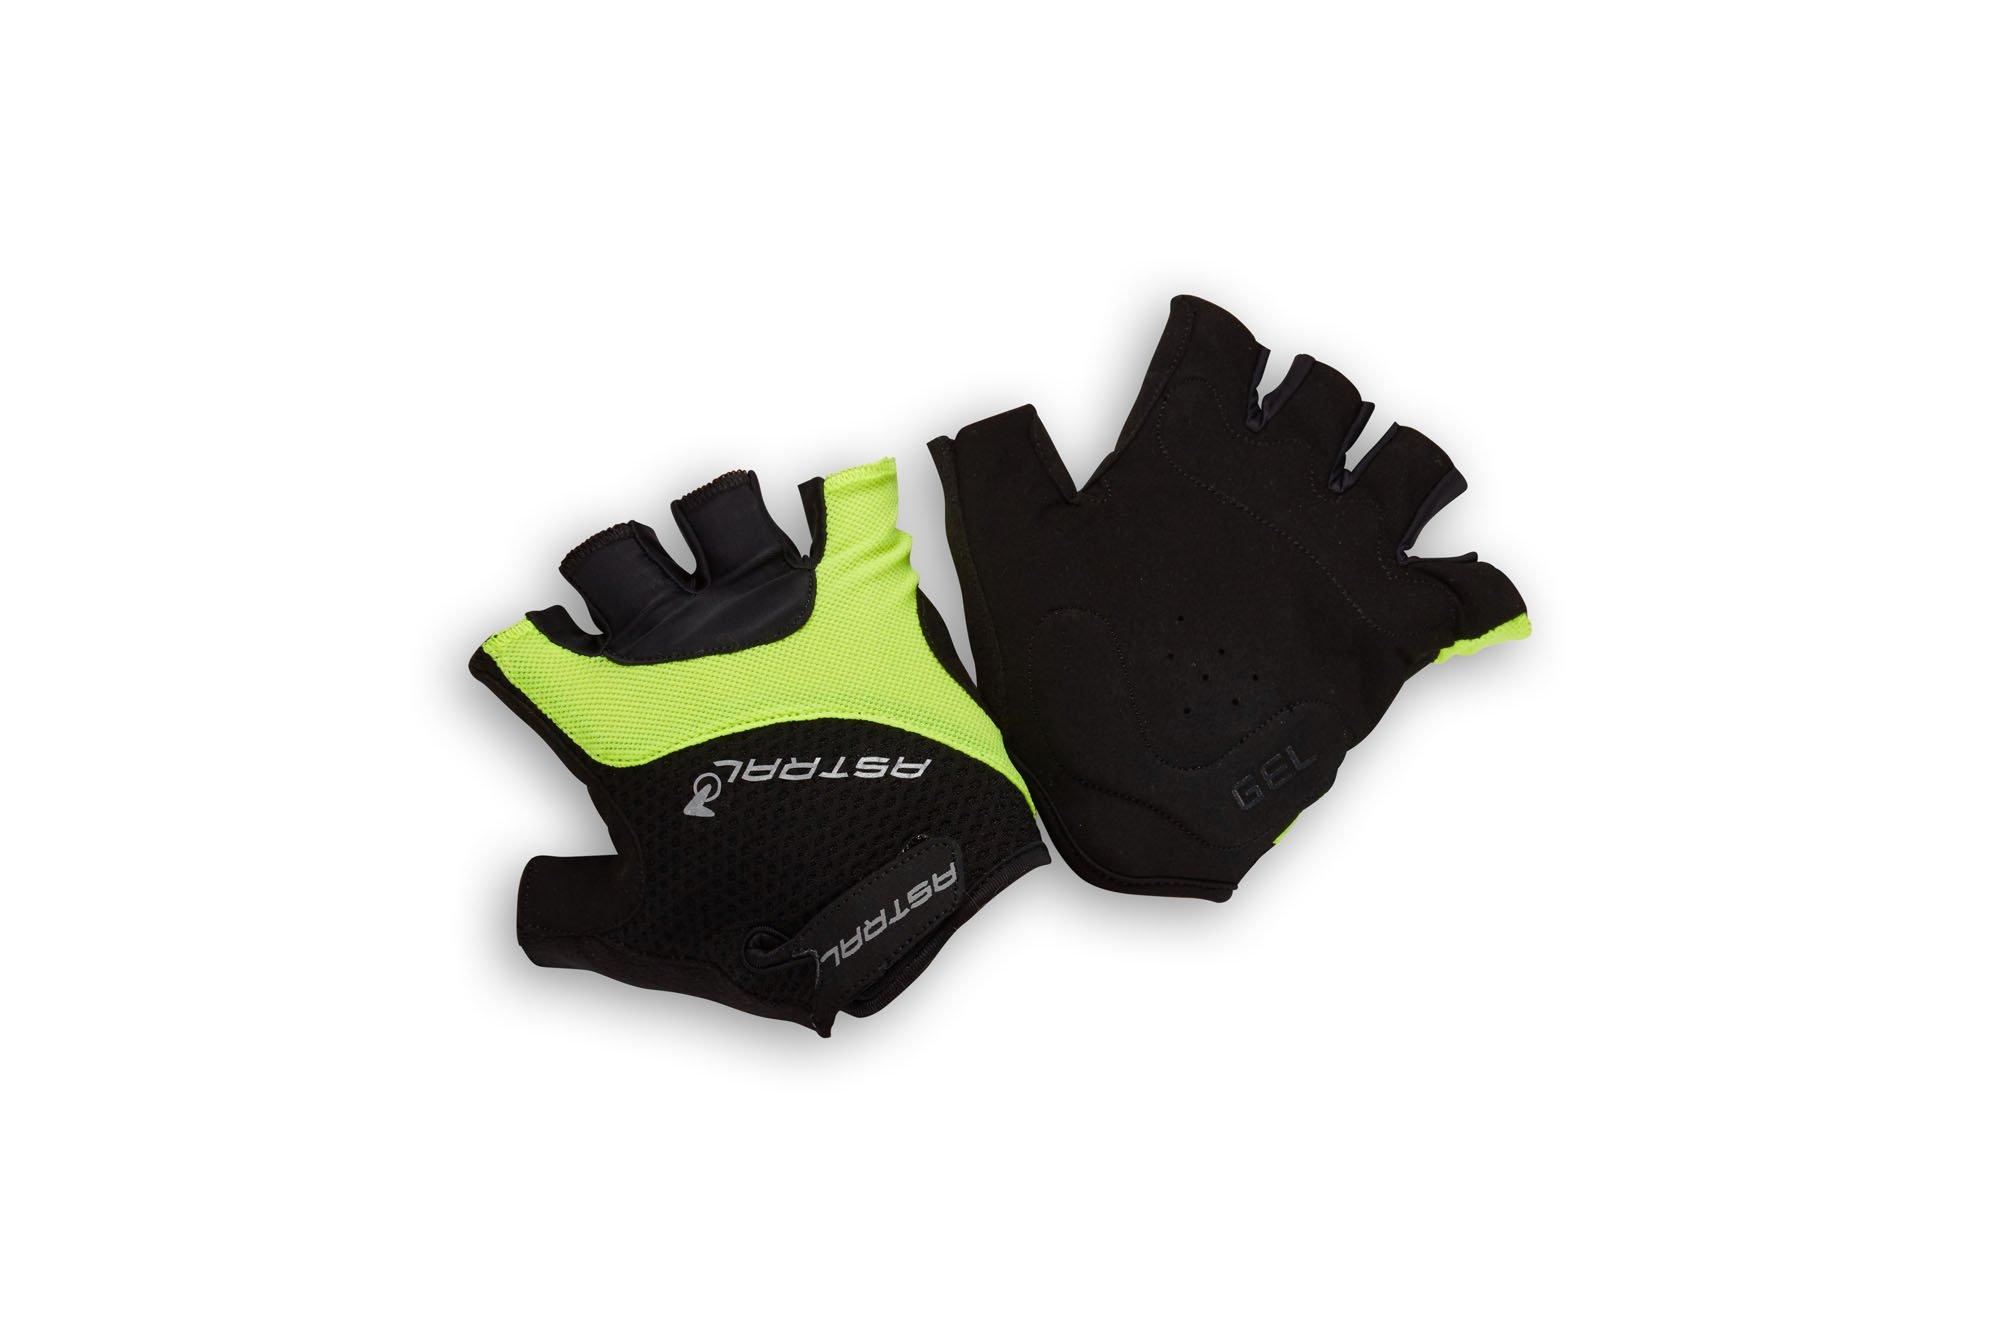 Astral Protect kort cykelhandske gul og sort | Handsker